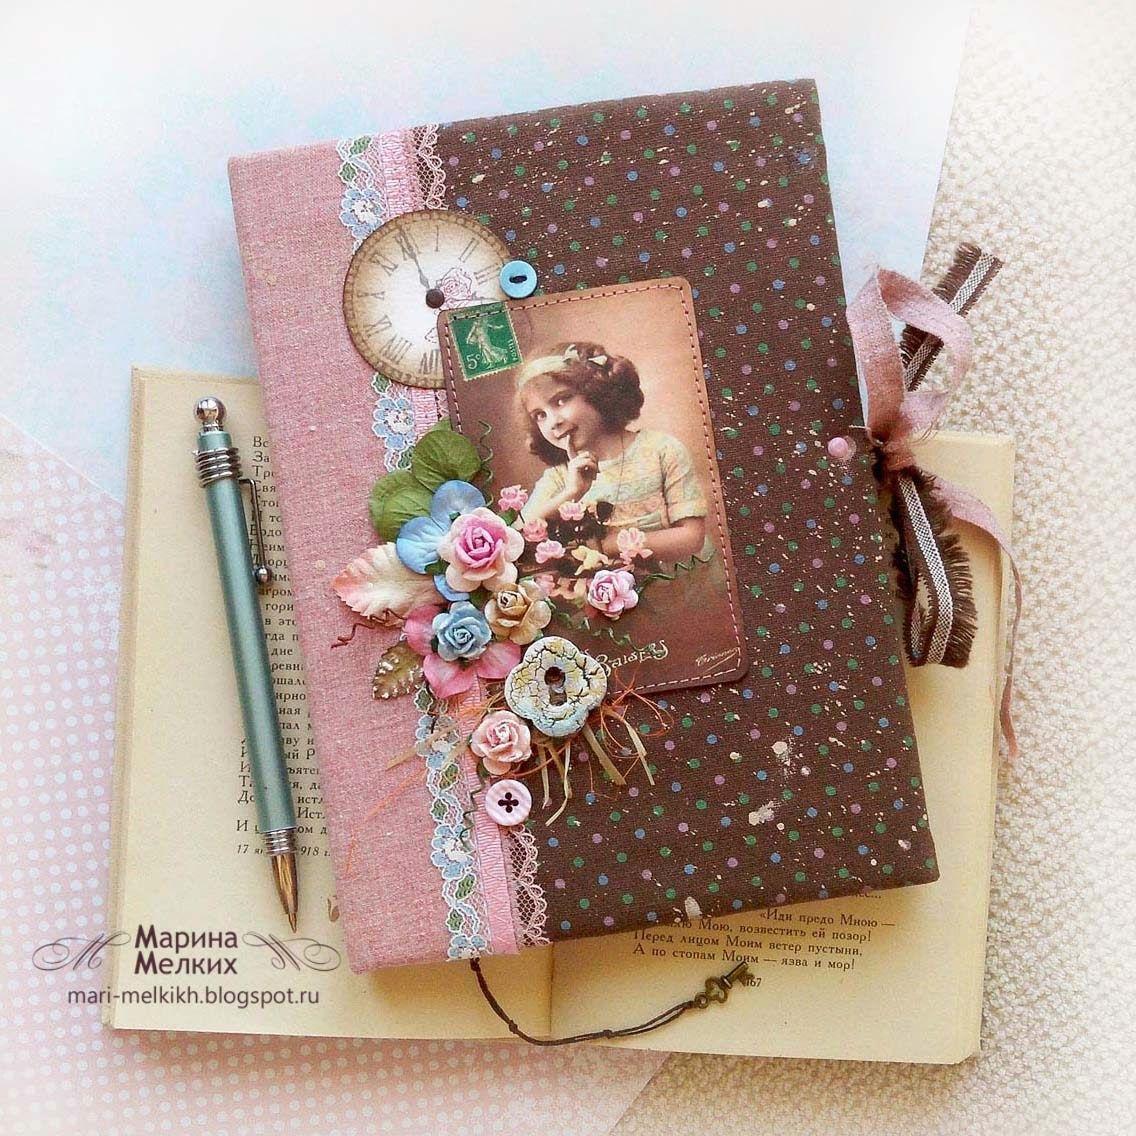 Розы для, открытки в дневниках